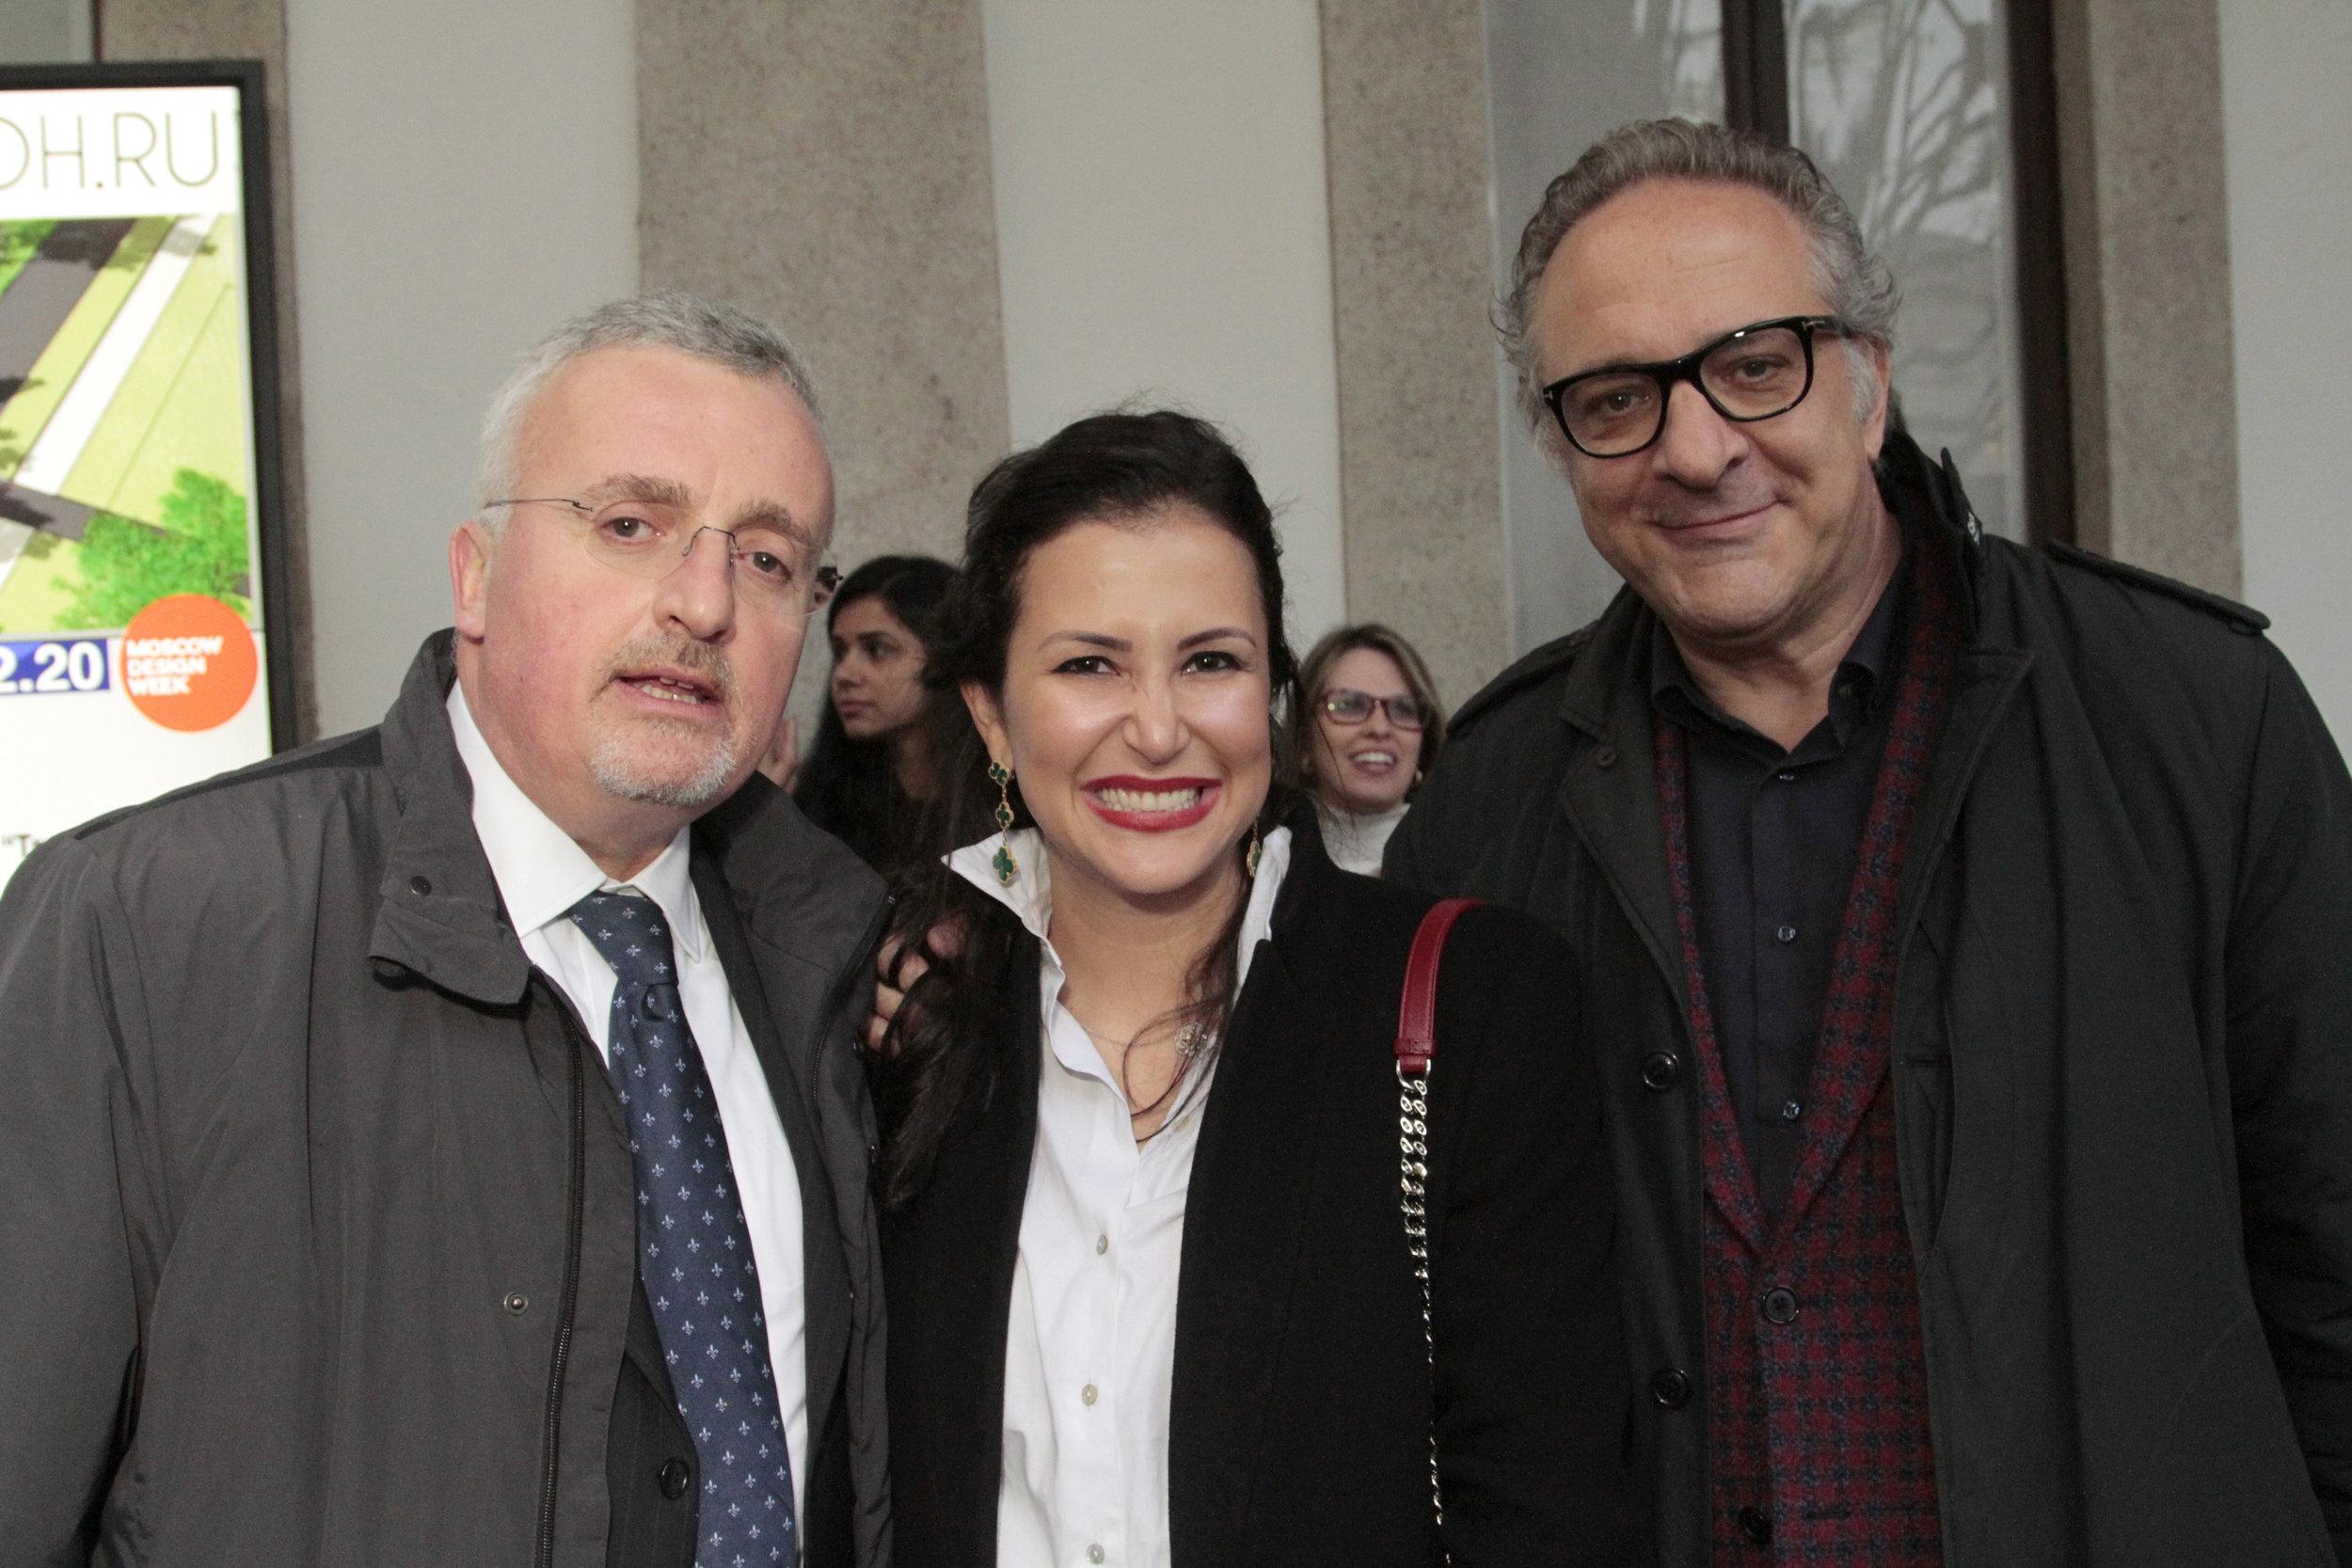 Silvio Gori, Vivian Coser e Diego D'ermoggine